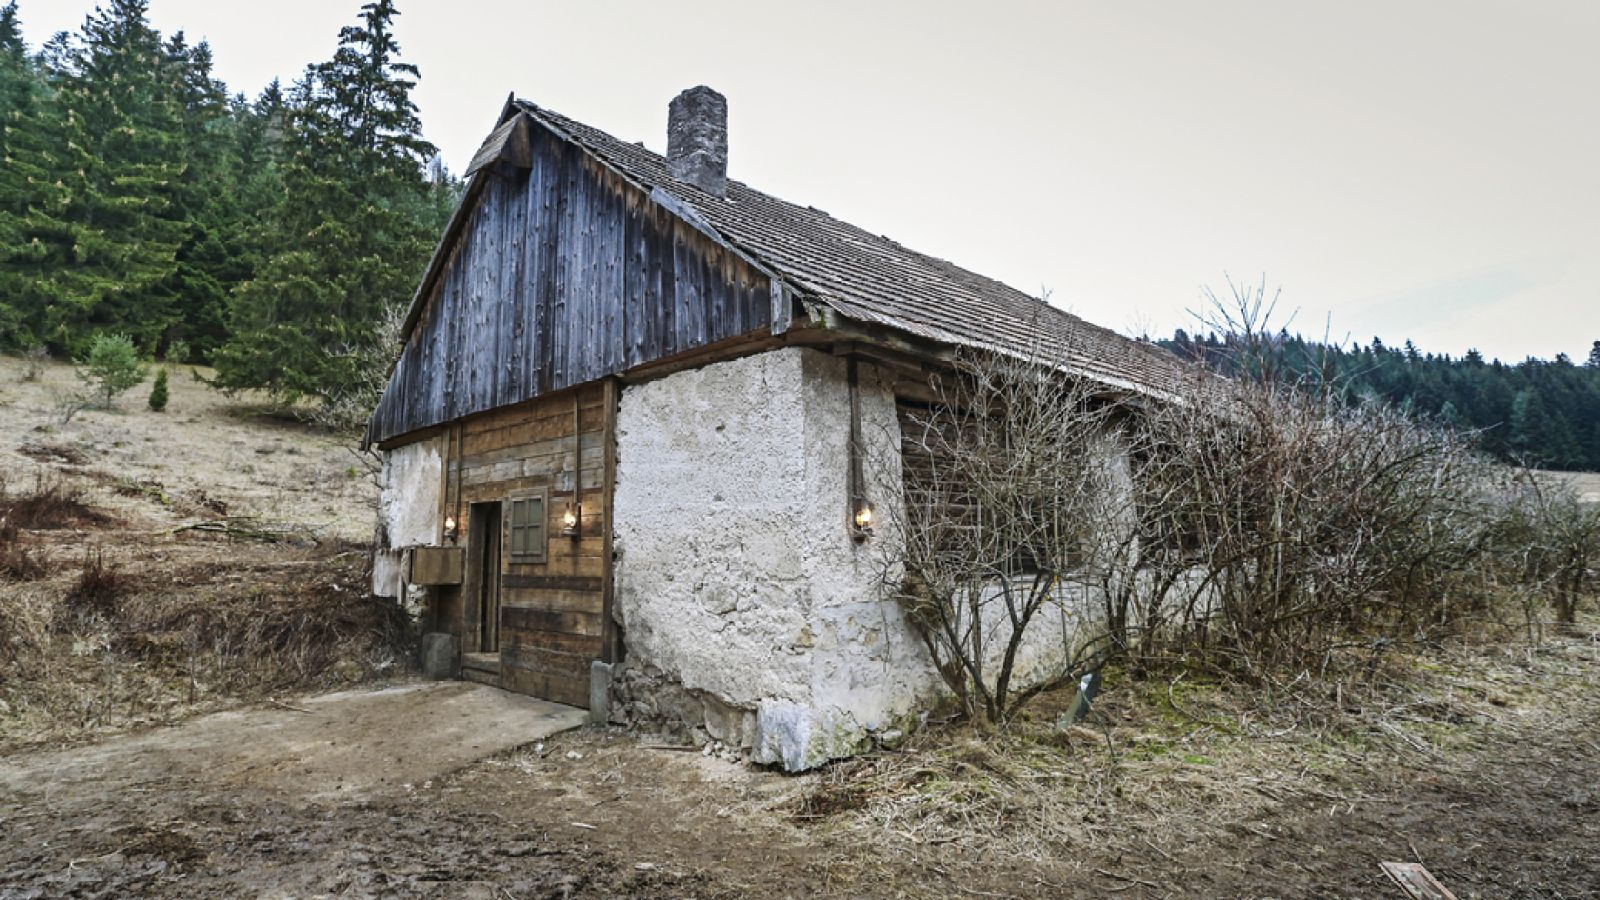 Hygienici si posvietia na Farmu vysoko v horách. | Nový Čas